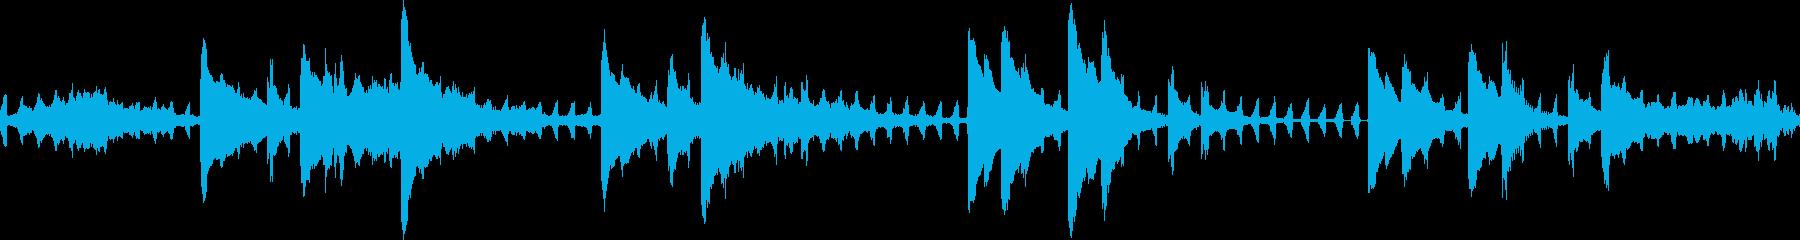 神秘的で透明感のあるBGMの再生済みの波形